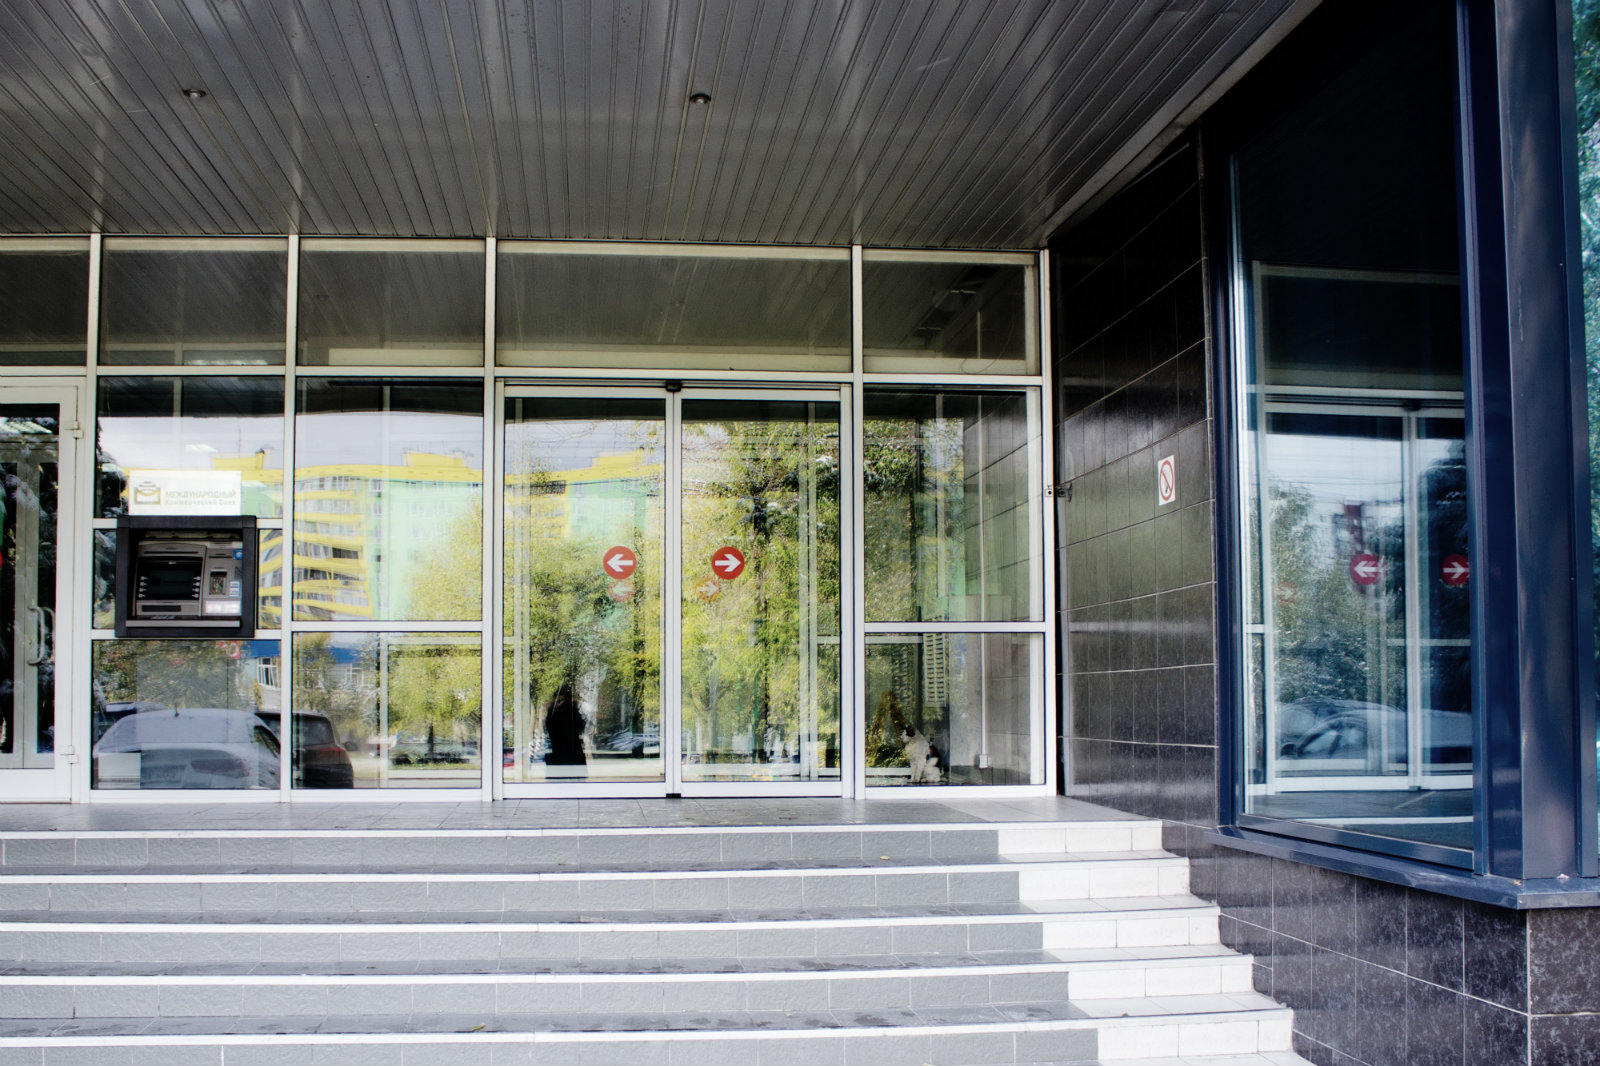 Аренда офисов на севере и северо-востоке поиск офисных помещений Напрудная 2-я улица